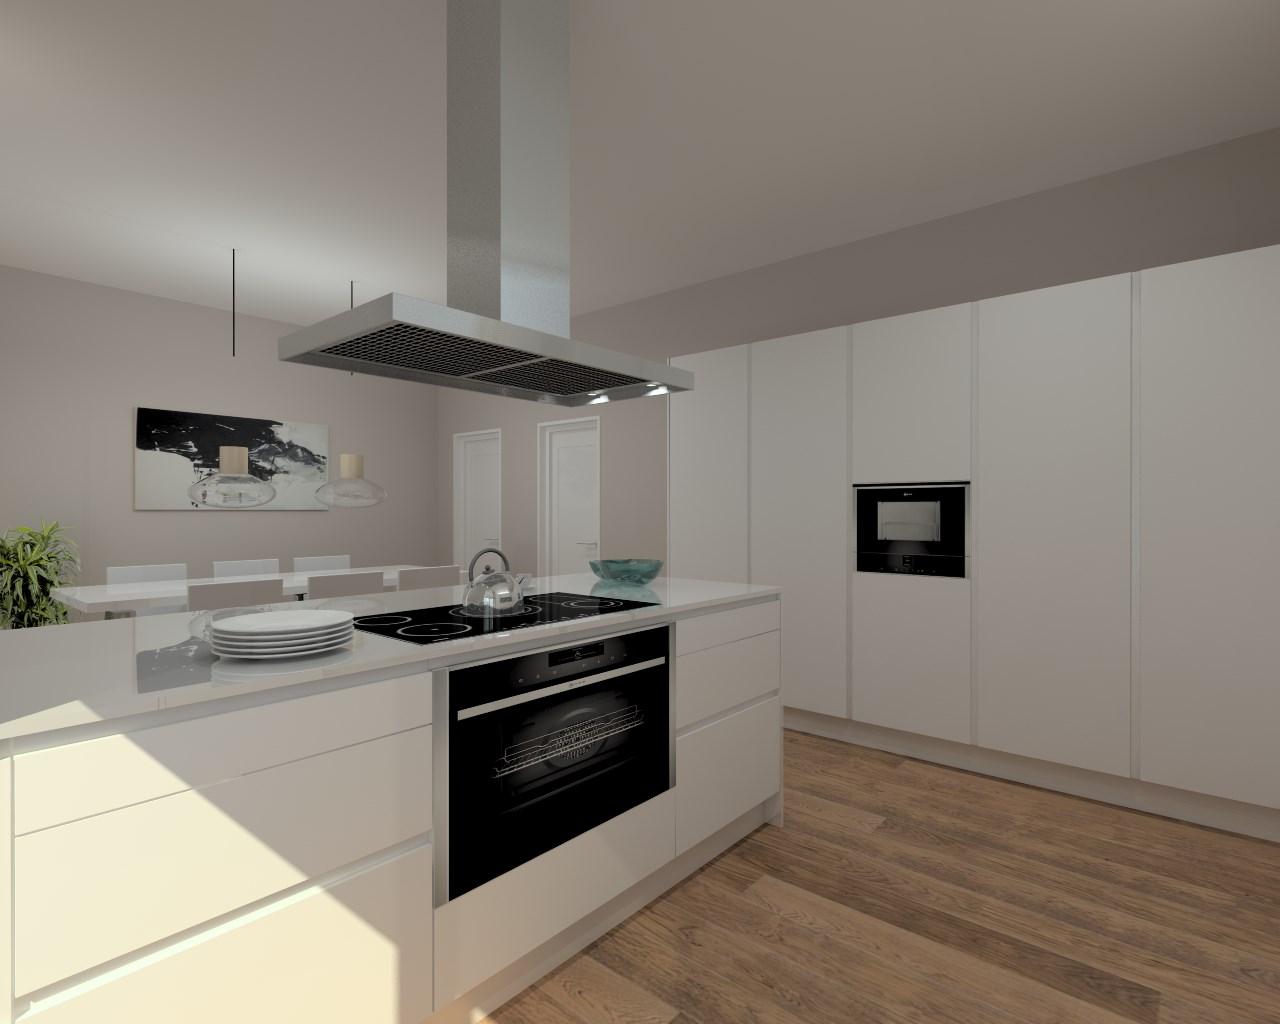 Cocina santos modelo line laminado seda blanco encimera for Encimera granito negro